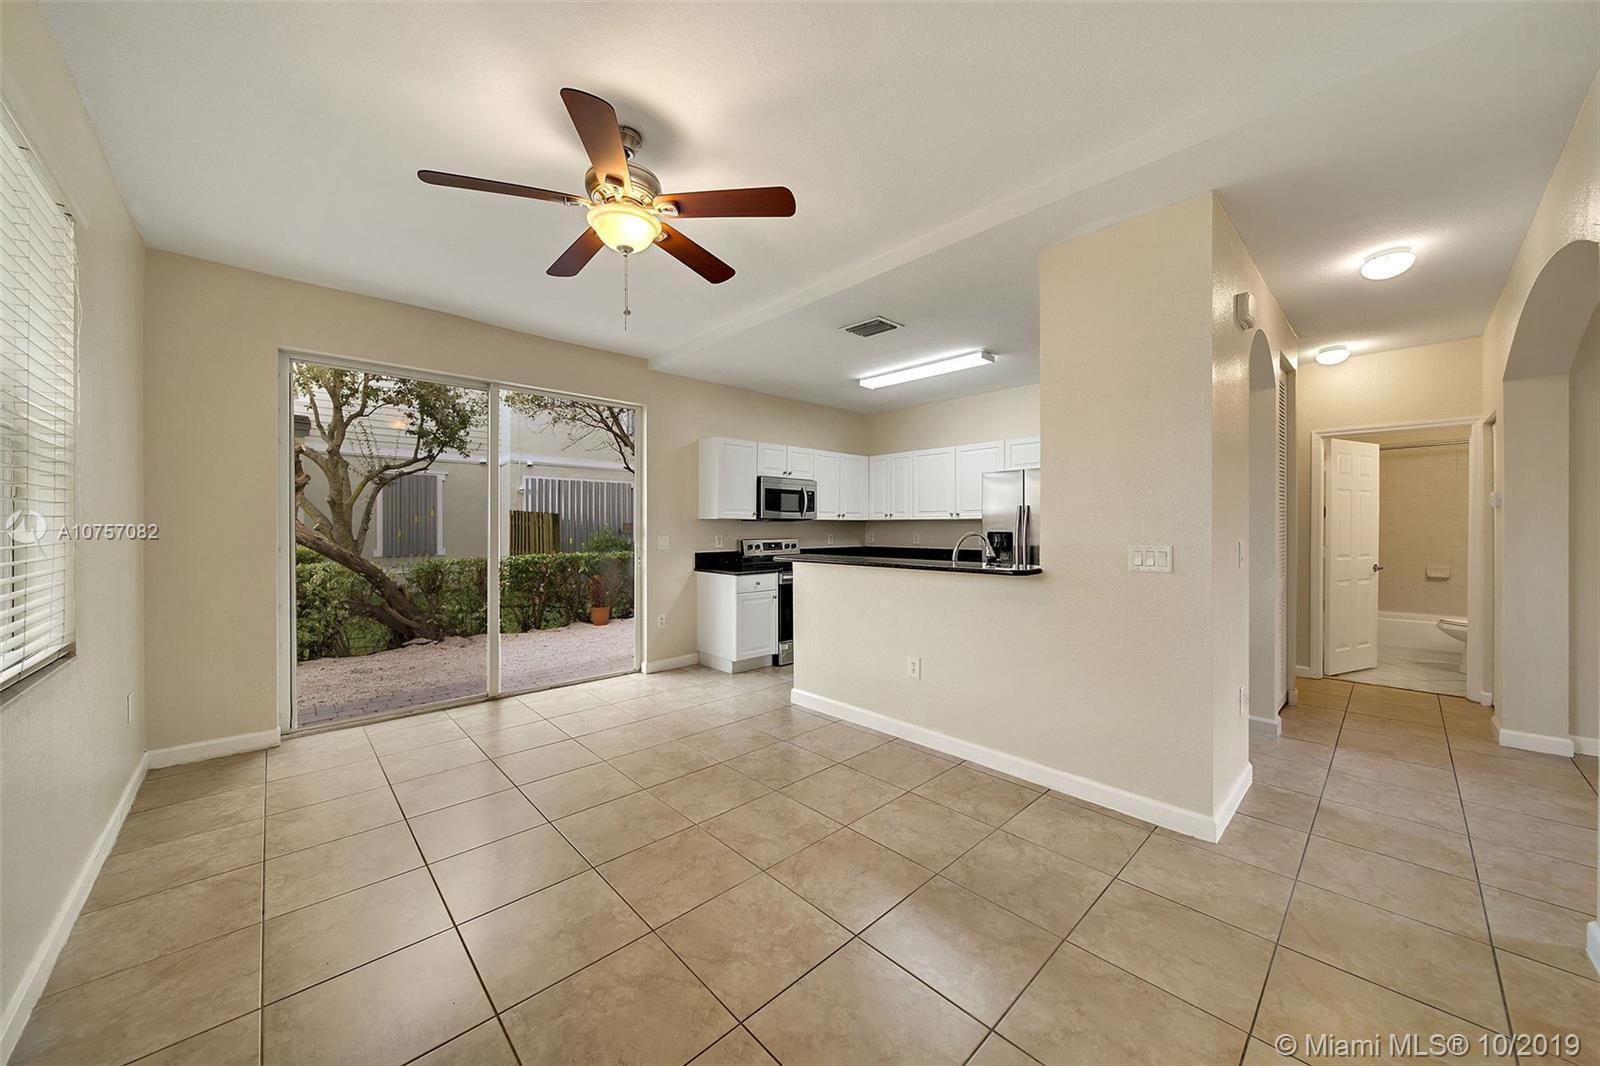 153 SE 28th Pl #2, Homestead, FL 33033 - MLS#: A10757082